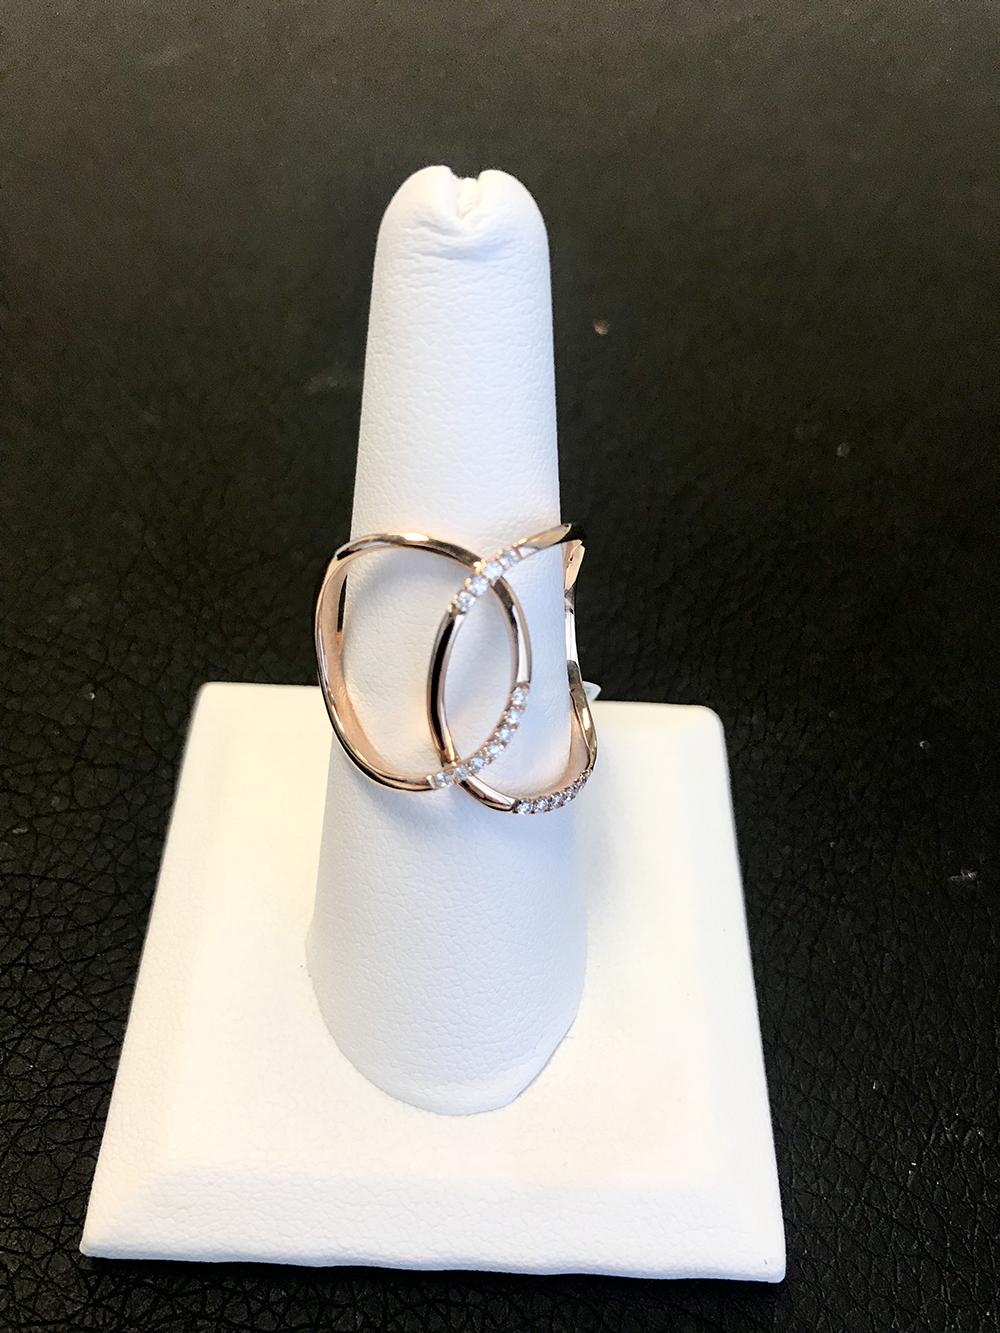 Rose gold diamond fashion ring